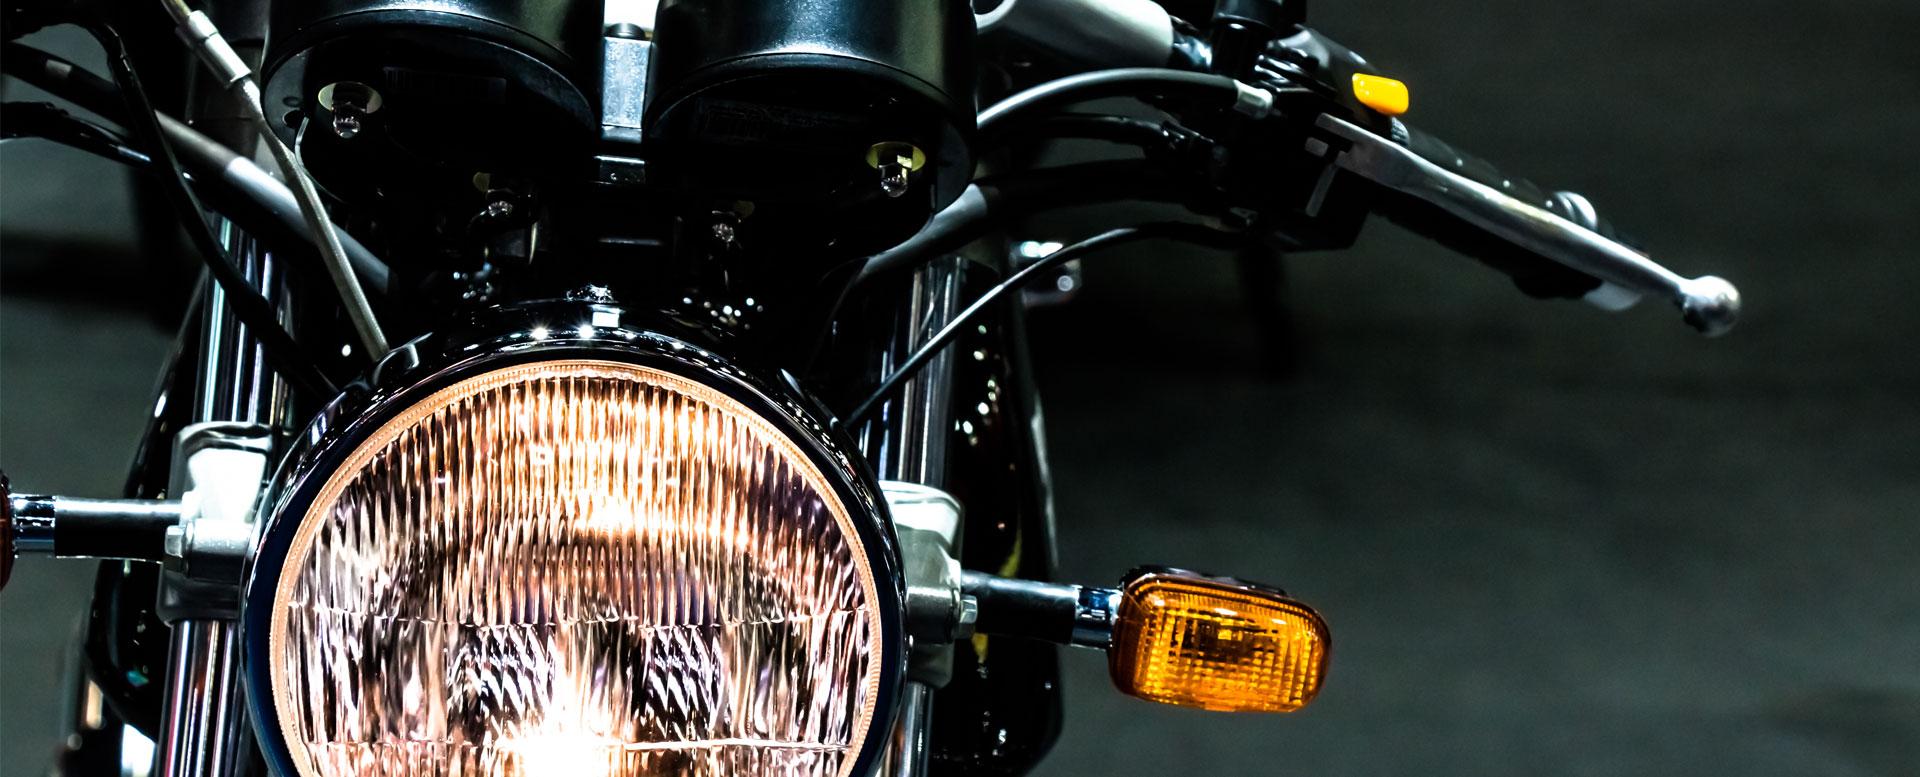 Motorrad überführen: Fahrzeug sicher an den Zielort bringen